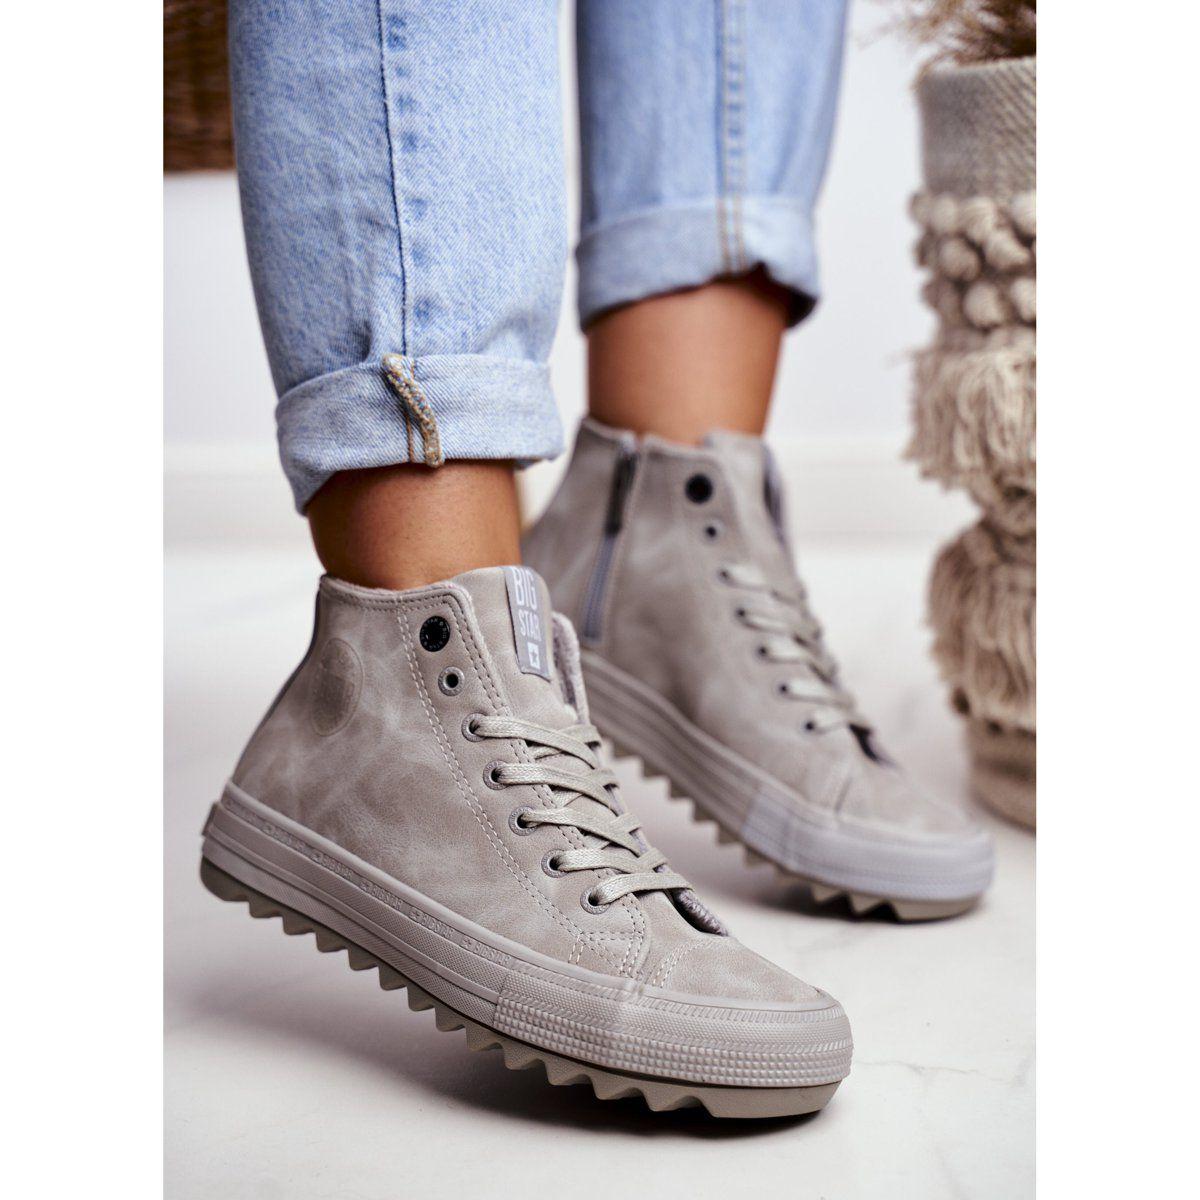 Trampki Damskie Big Star Wysokie Ocieplane Szare Gg274070 Sneakers White Sneaker High Top Sneakers